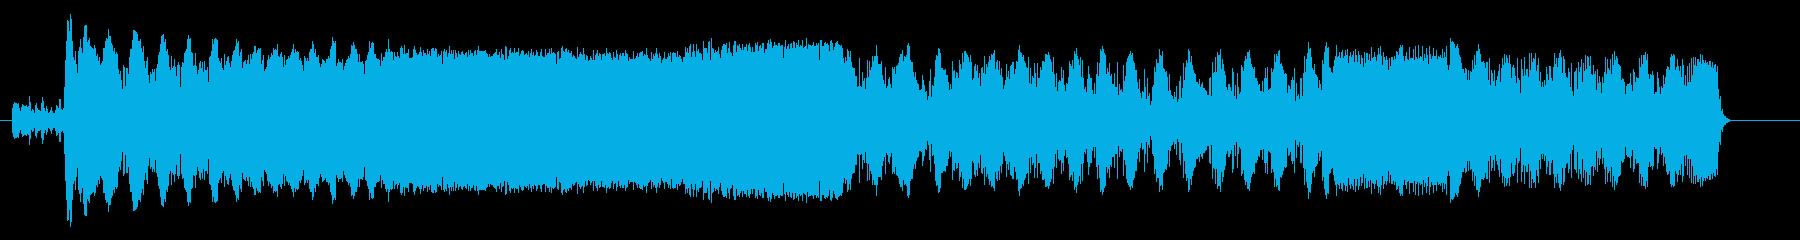 ドラッグボート;開始/アイドル/回...の再生済みの波形